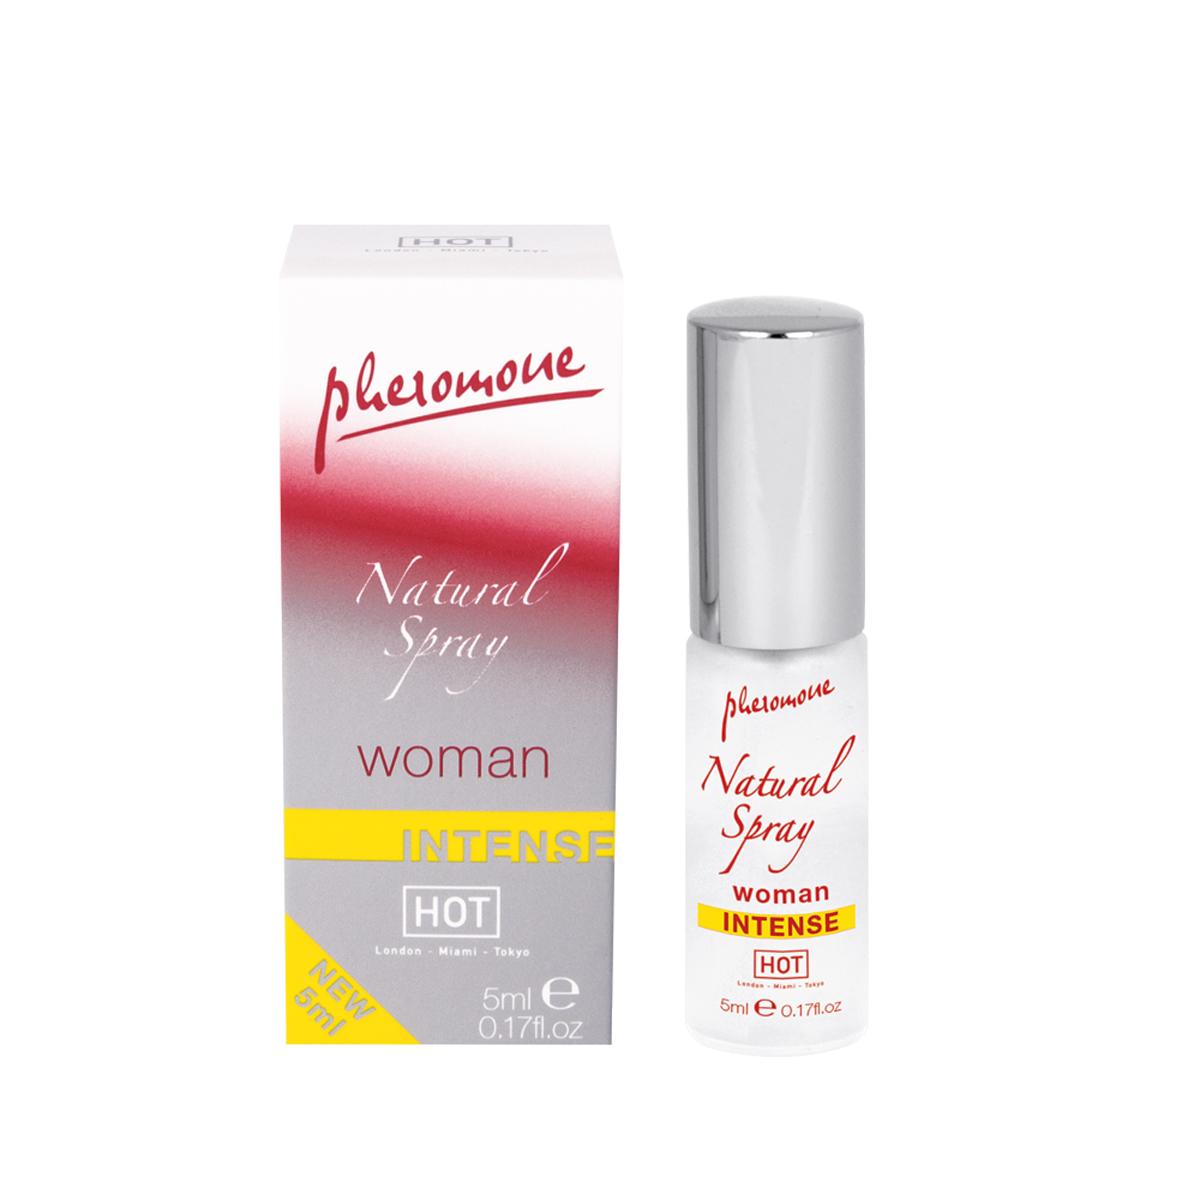 Hot Женские духи с феромонами Natural Spray Intense, 5 мл55057Особенно сильный. Мужчинам, оказавшимся поблизости, можно только позавидовать. Ведь ваш новый секрет – спрей с феромонами. Natural Spray Intense не имеет запаха и незаметно маскируется под ваш ежедневный парфюм. Но это невидимое оружие действует безотказно – отныне вы сама сексуальность!